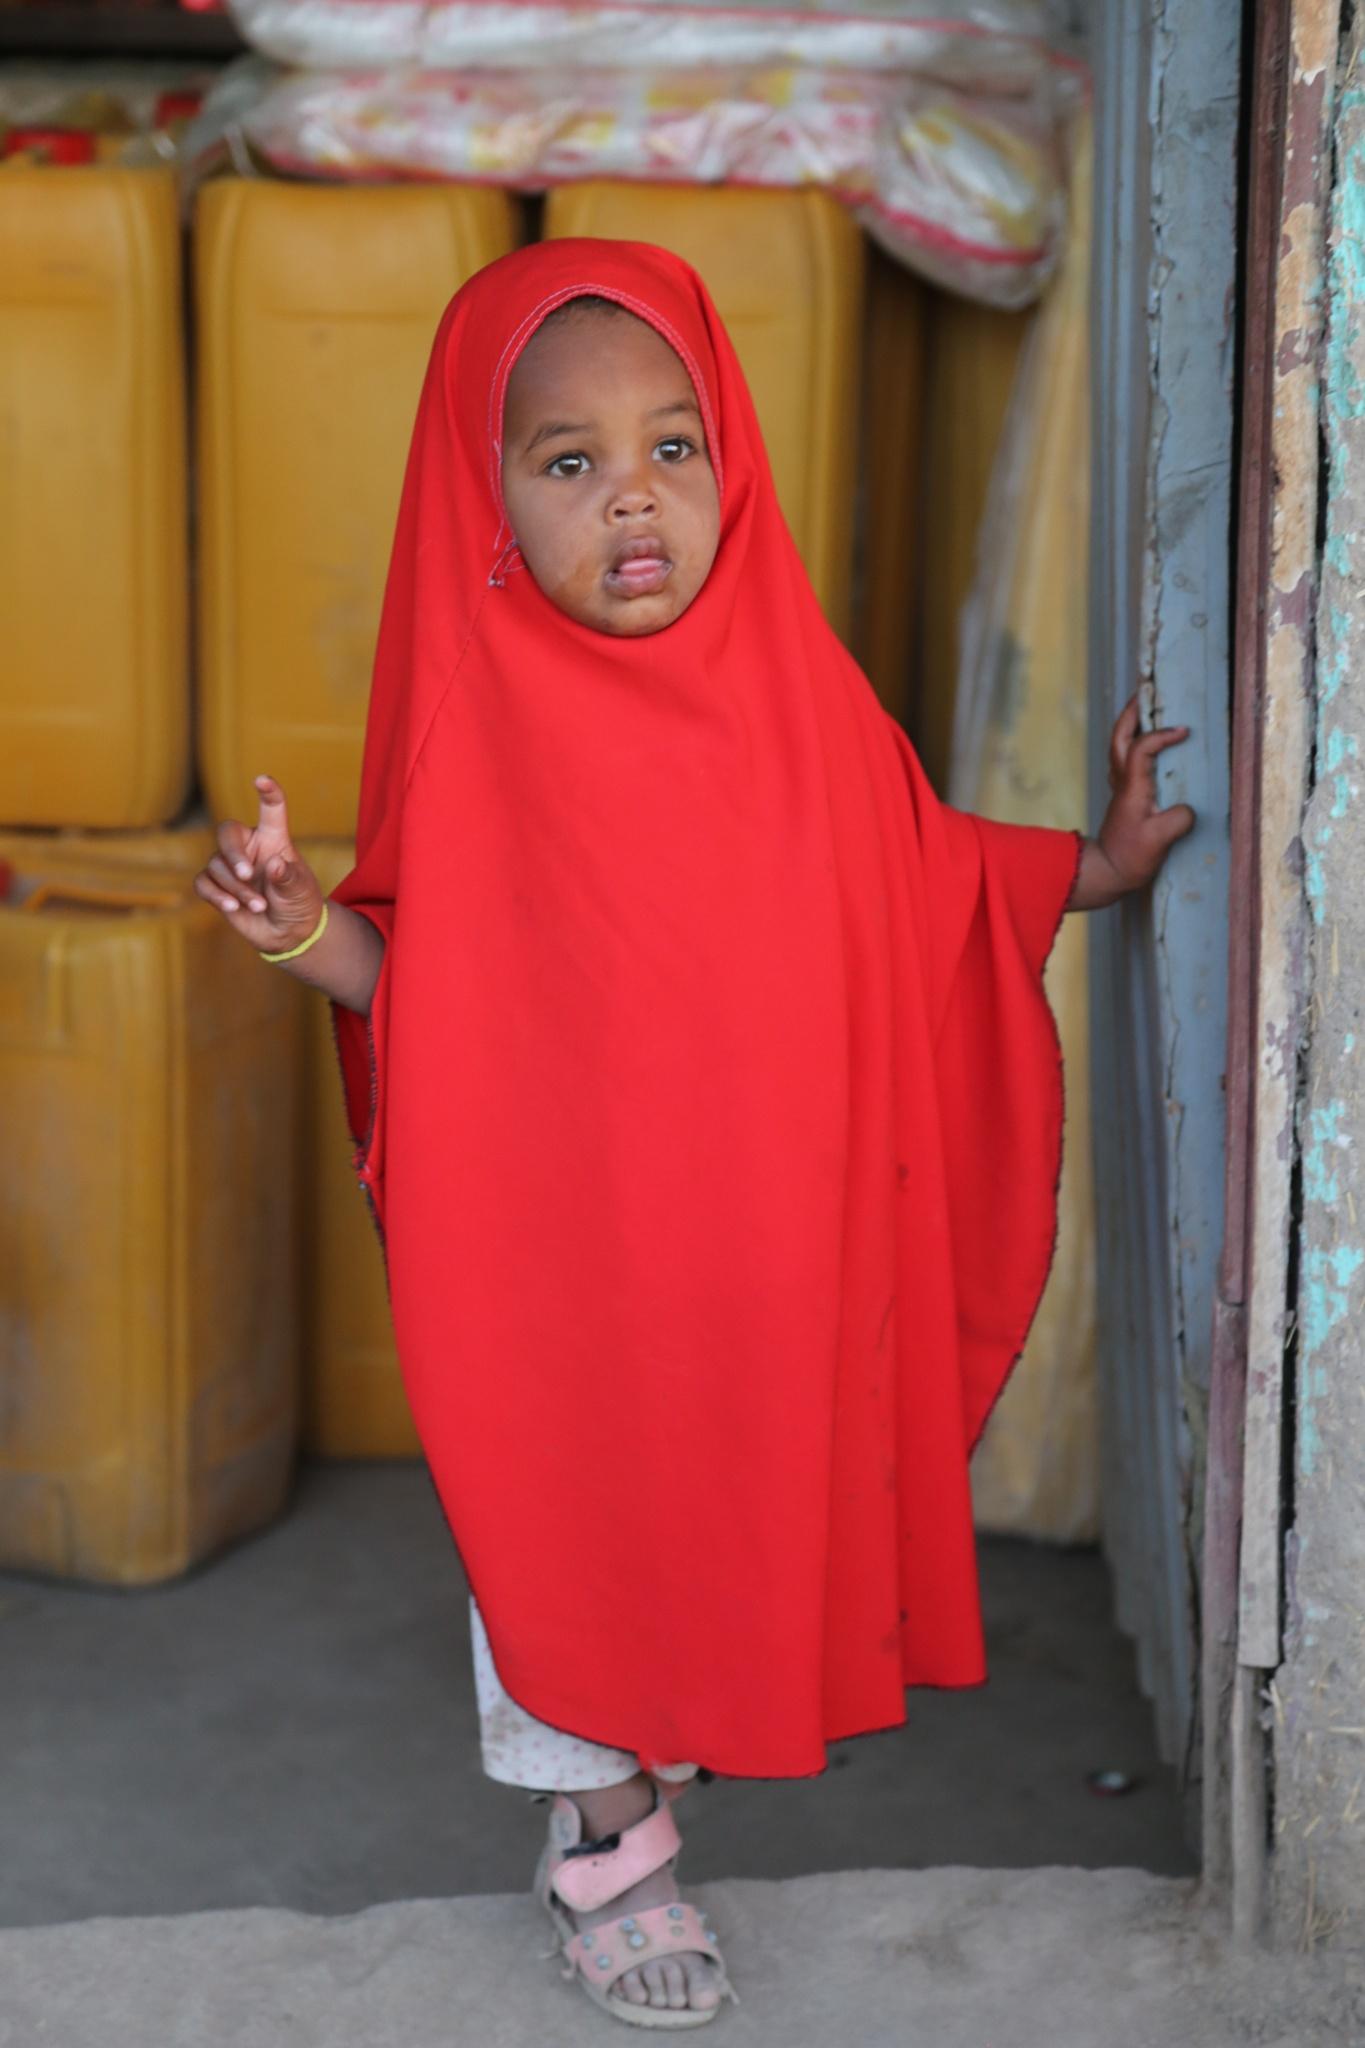 veiled child by gigi.sorrentino1